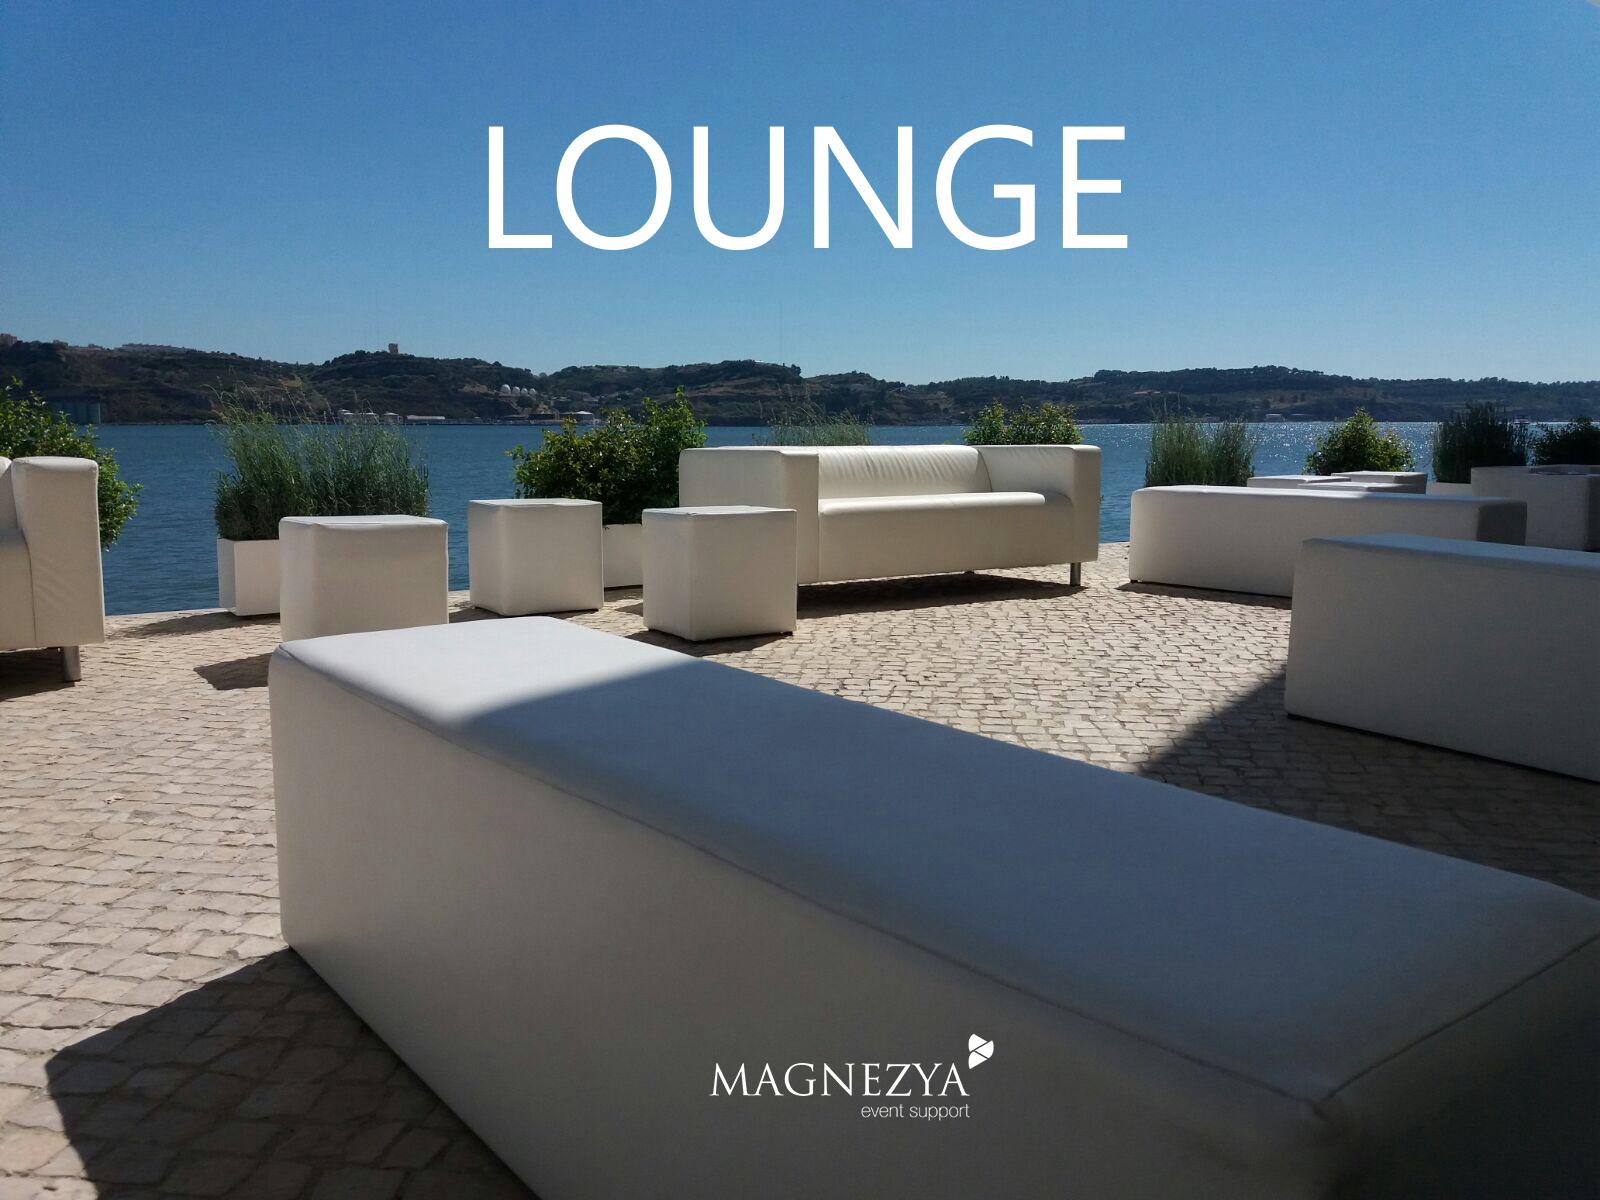 Aluguer Lounge